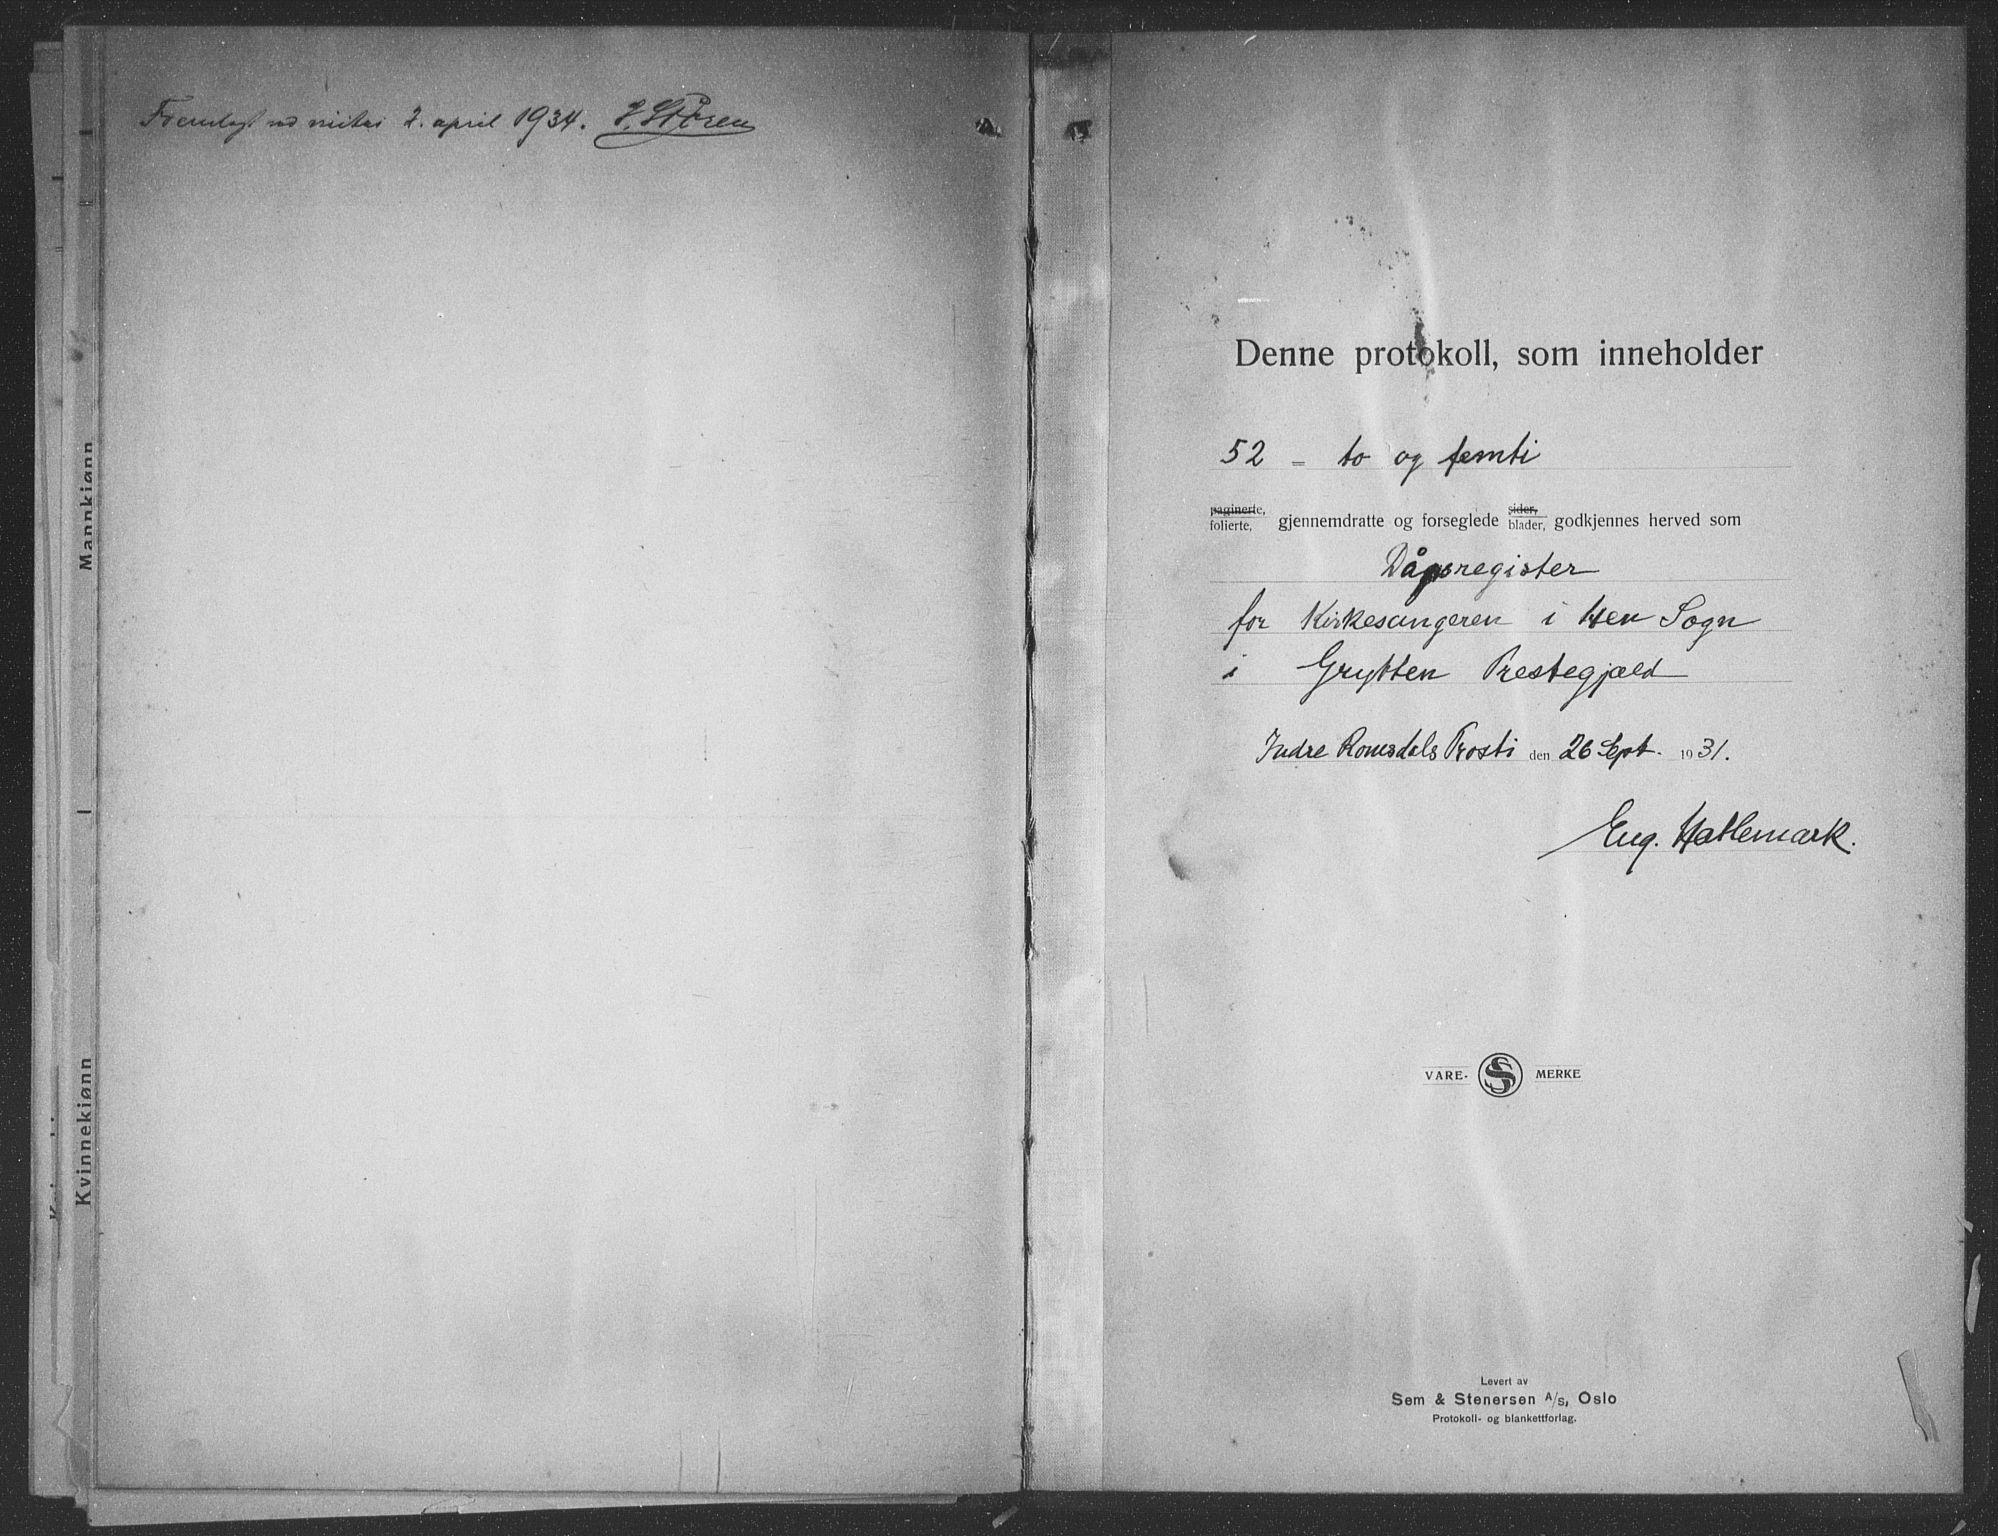 SAT, Ministerialprotokoller, klokkerbøker og fødselsregistre - Møre og Romsdal, 545/L0590: Klokkerbok nr. 545C04, 1931-1937